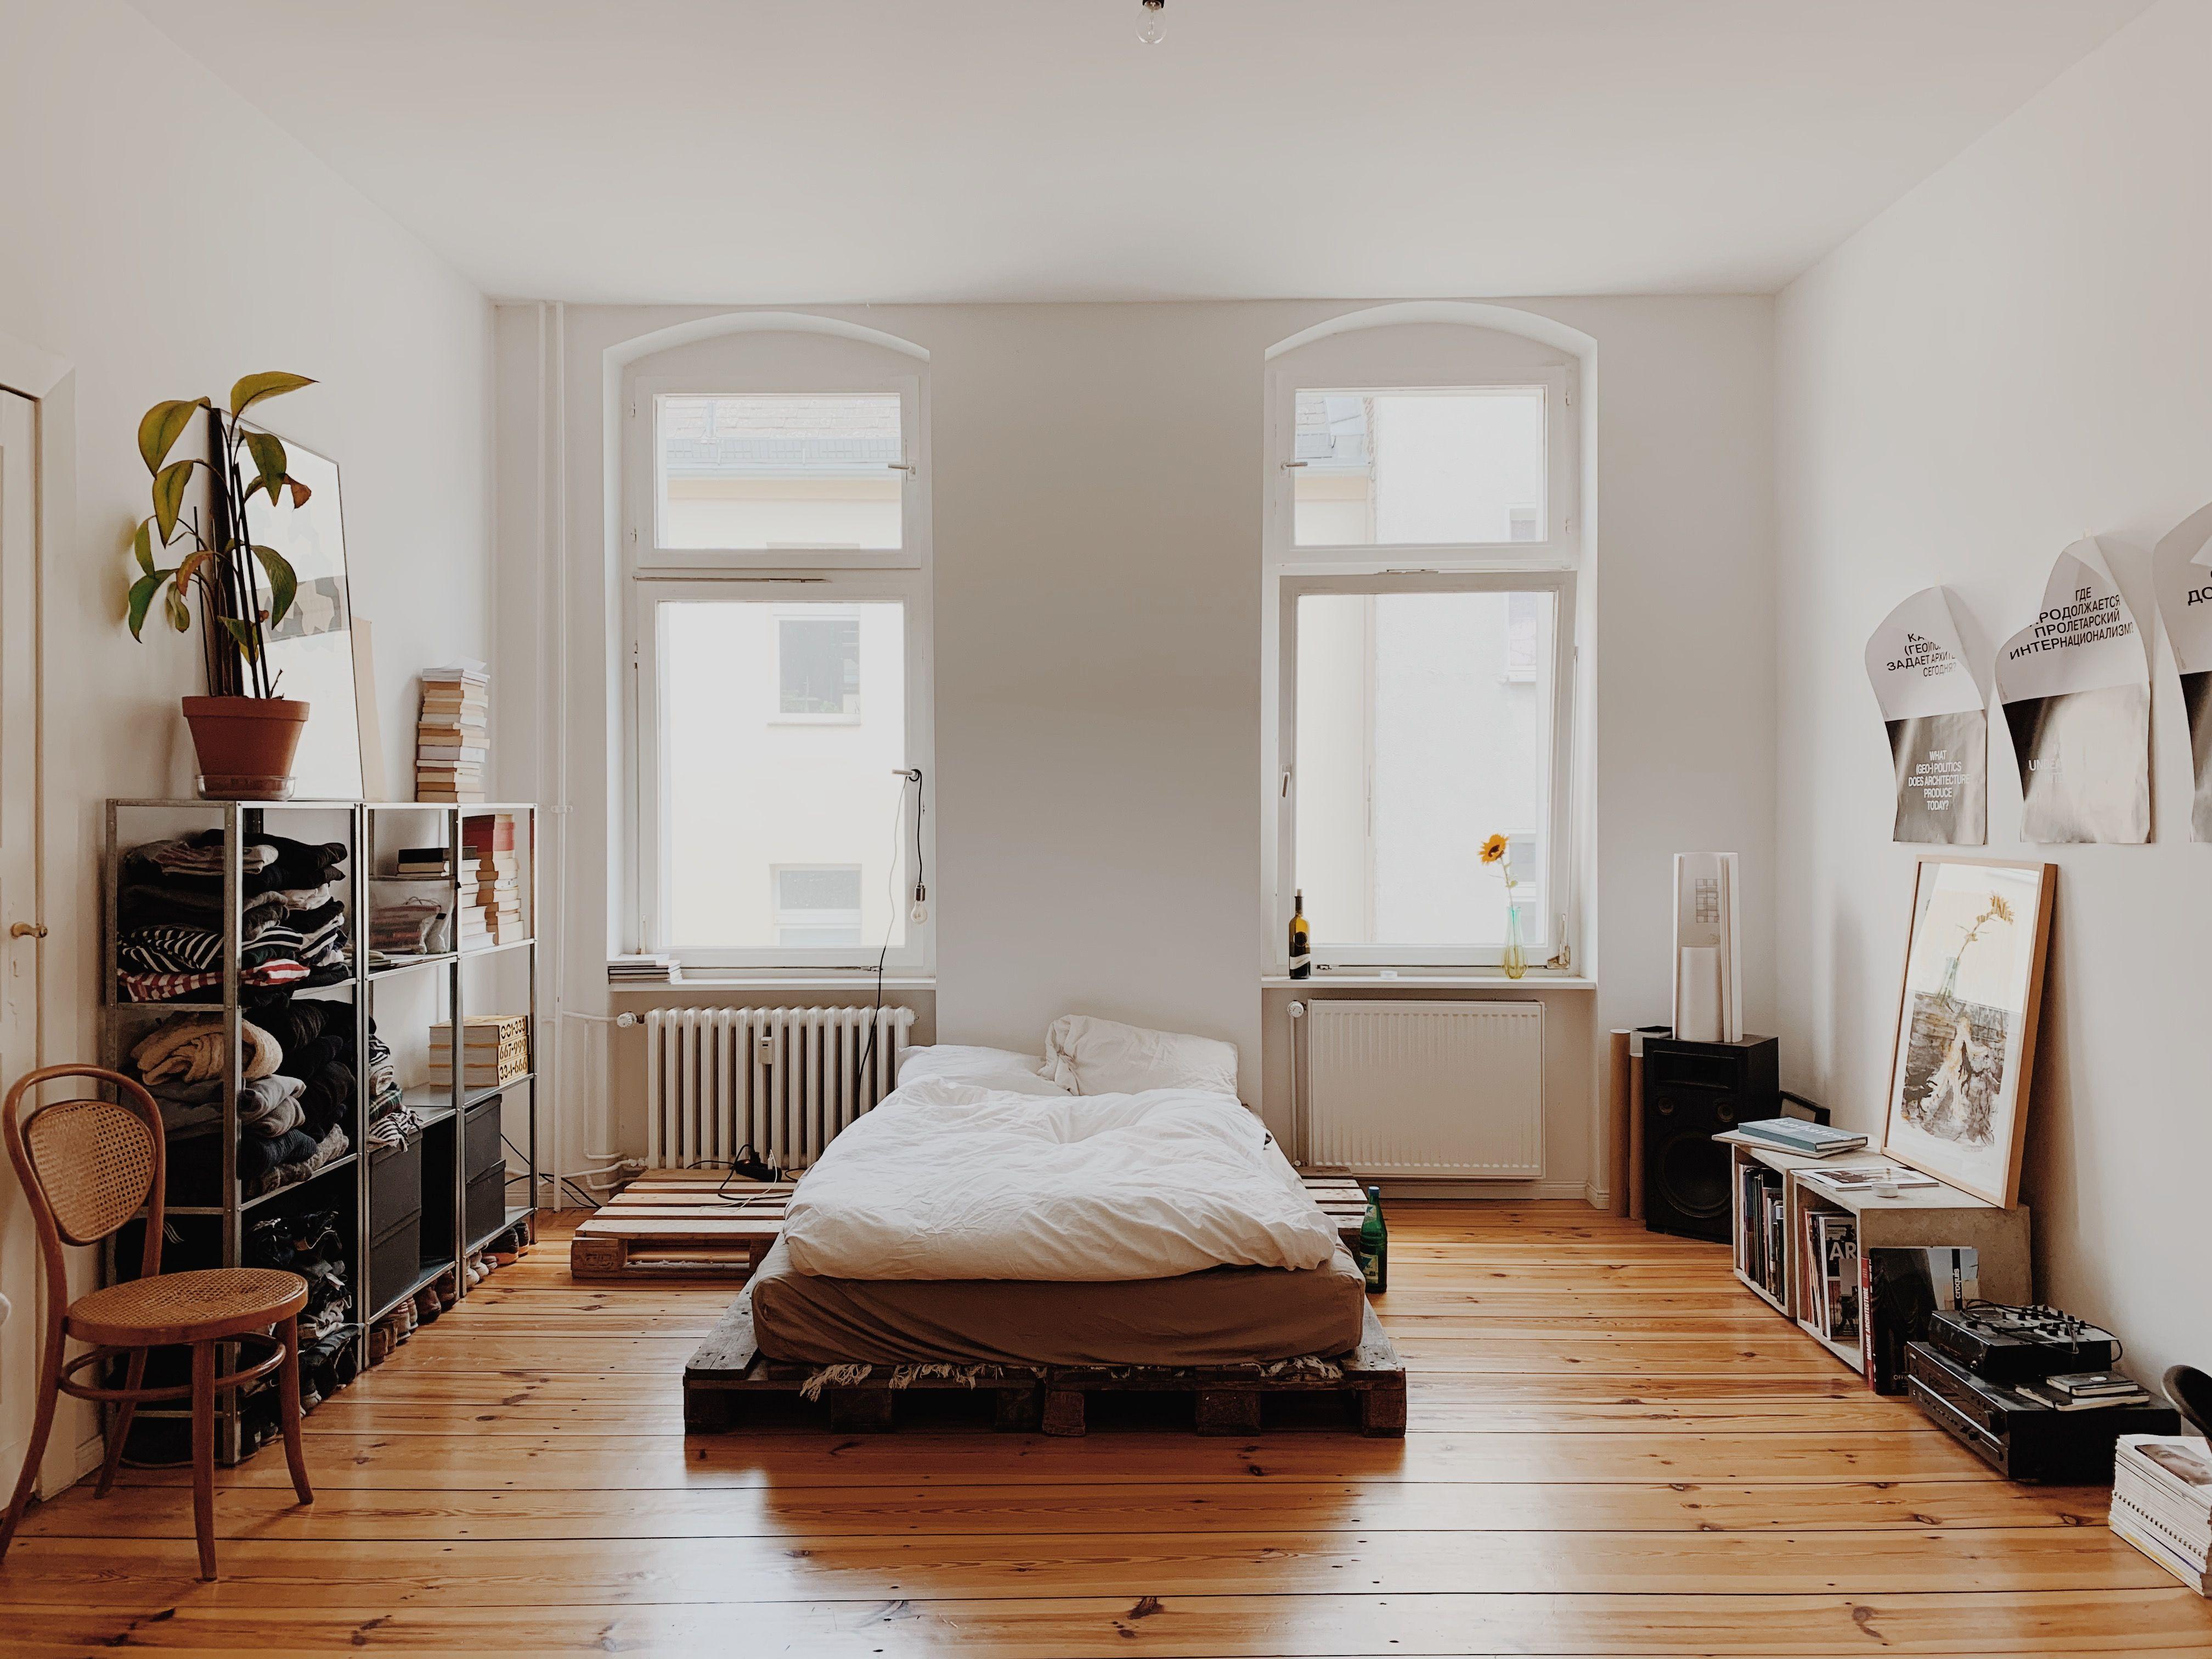 Grosses Altbauzimmer In Berlin Altbau Schlafzimmer Altbau Zimmer Altbau Wohnung Einrichten